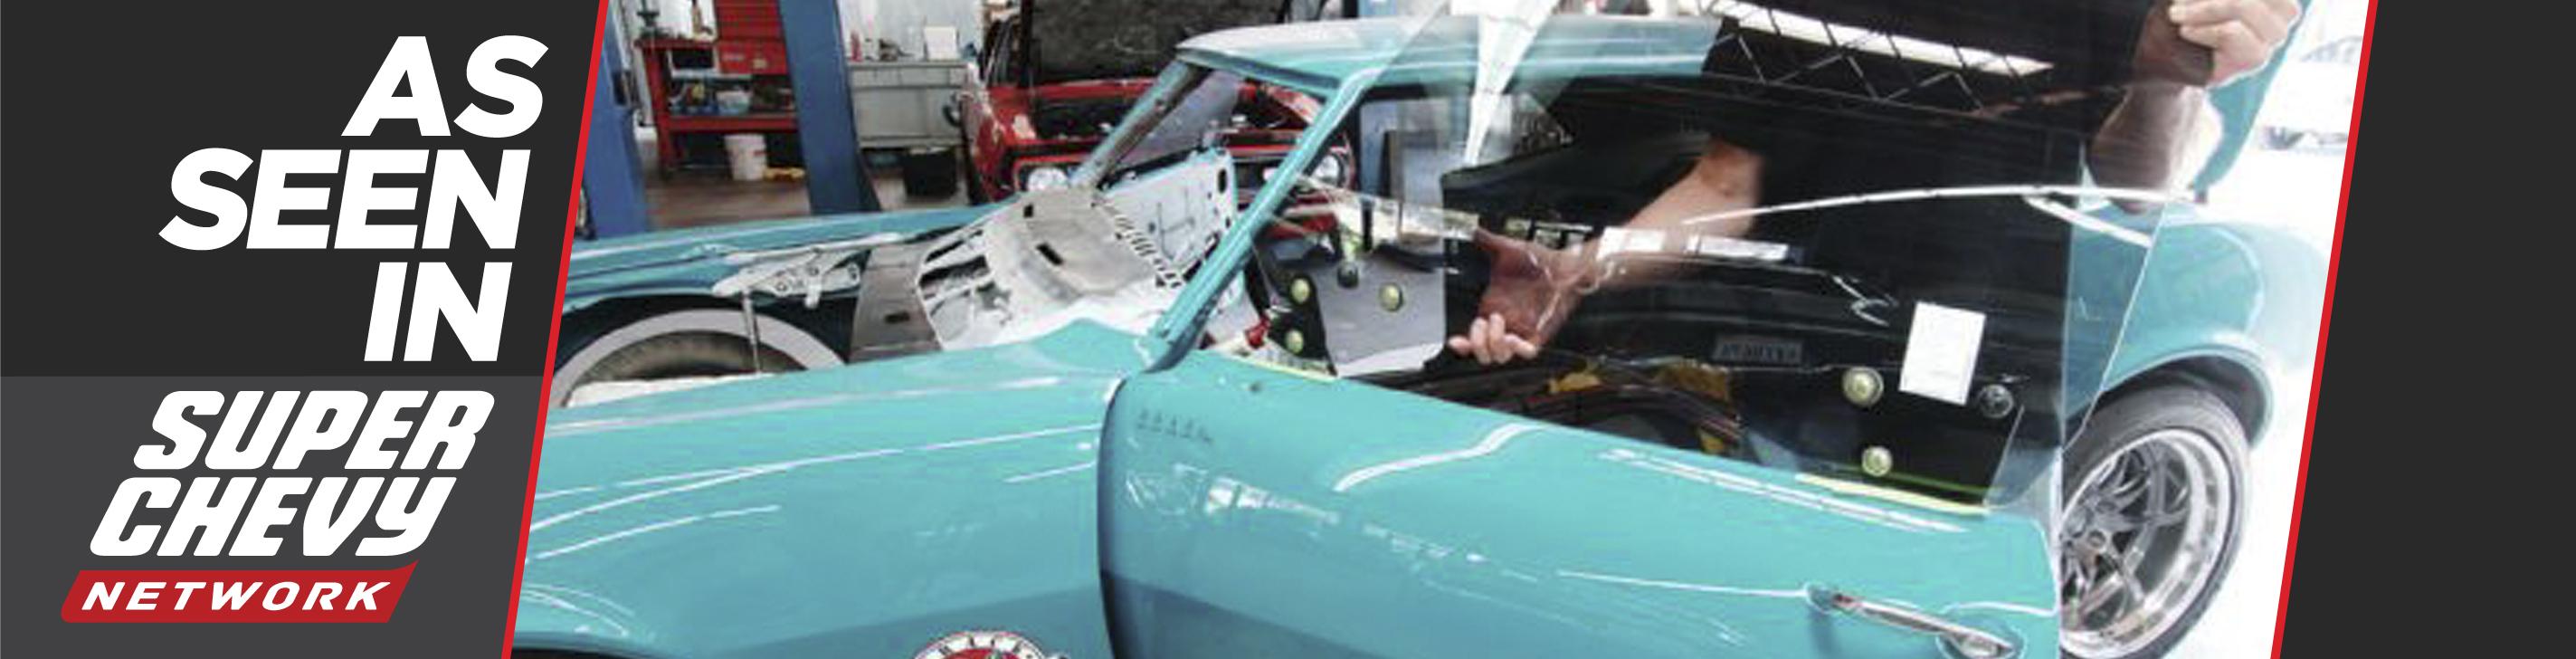 1968 Chevrolet Camaro Project Track Rat - Rebuilding Doors